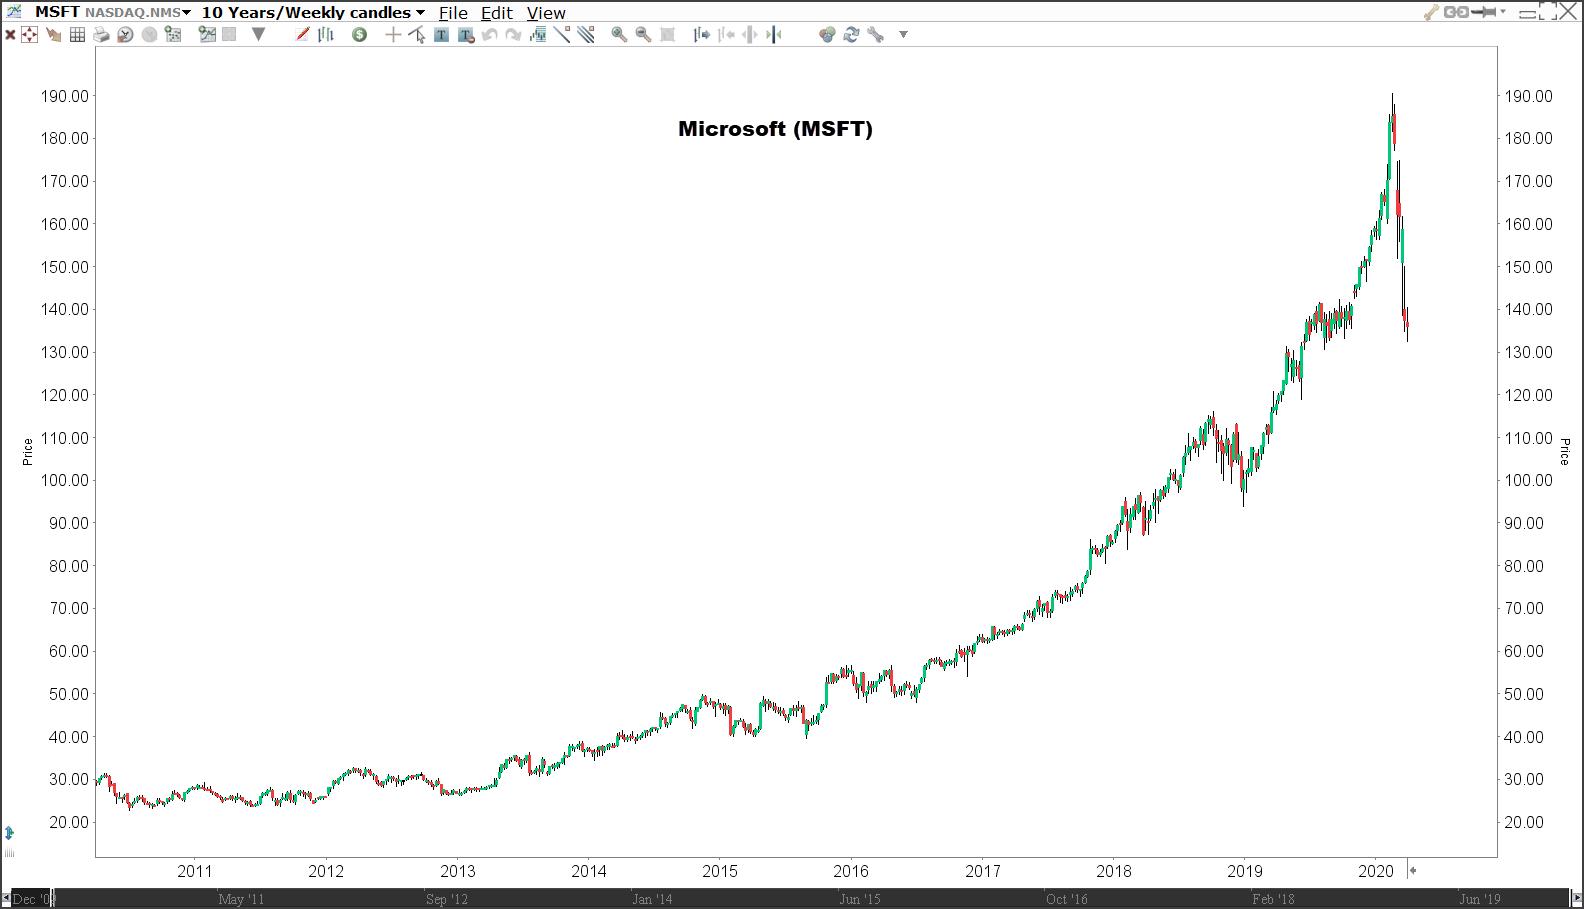 Aandeel Microsoft (MSFT) - Beleggen in trends